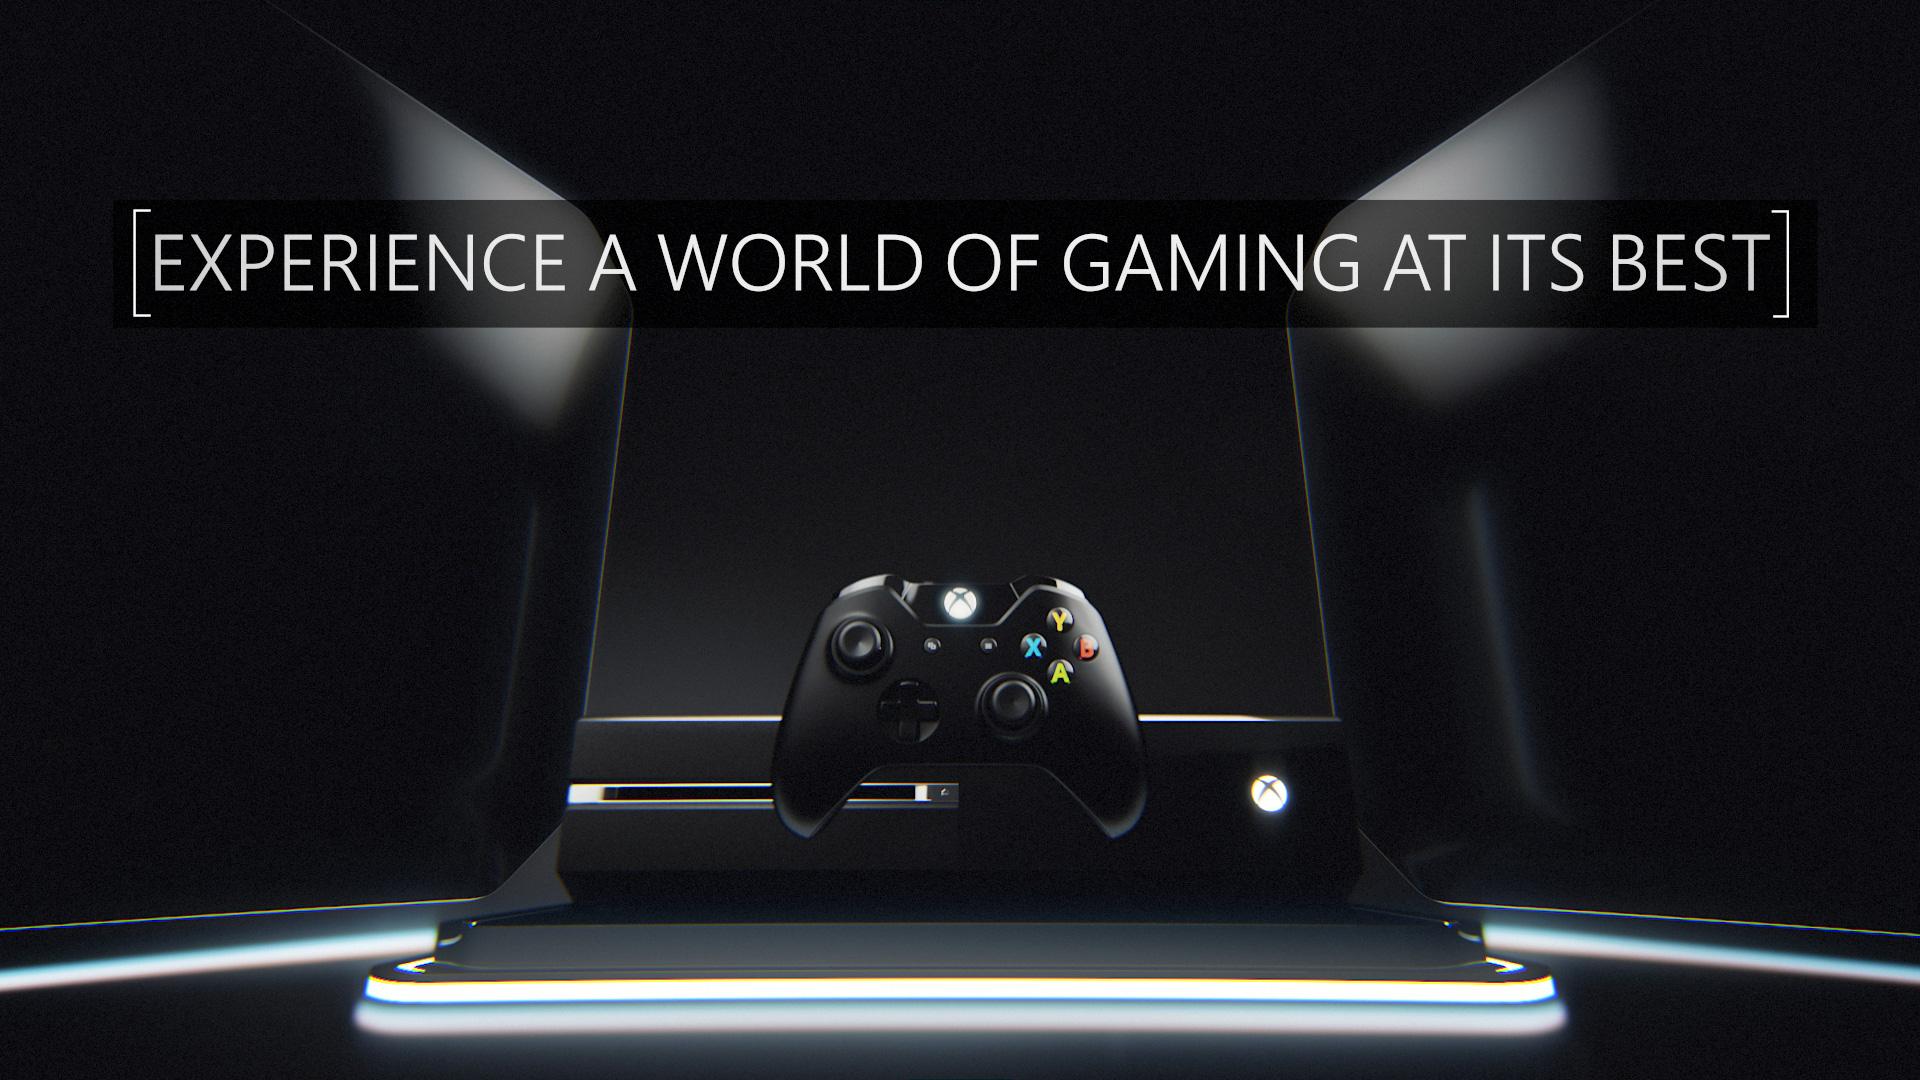 XboxGamingApps_00.jpg